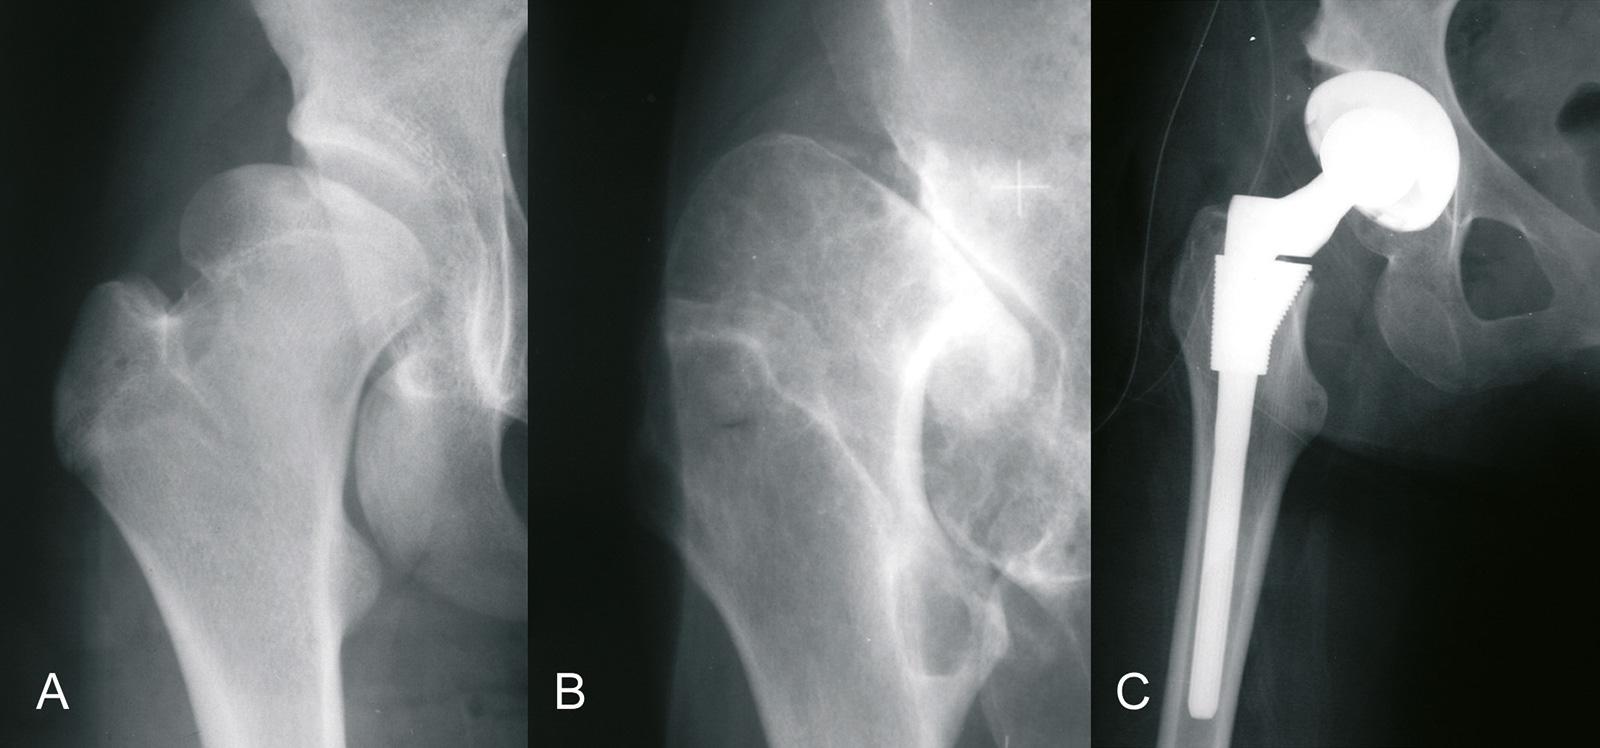 Abb. 4-11: Fortschreitende Arthrose bei einem Patienten mit einer Hüftdysplasie (A-B). Im Alter von 43 Jahren erfolgte die Implantation einer zementfreien S-ROM Hüftprothese (C)